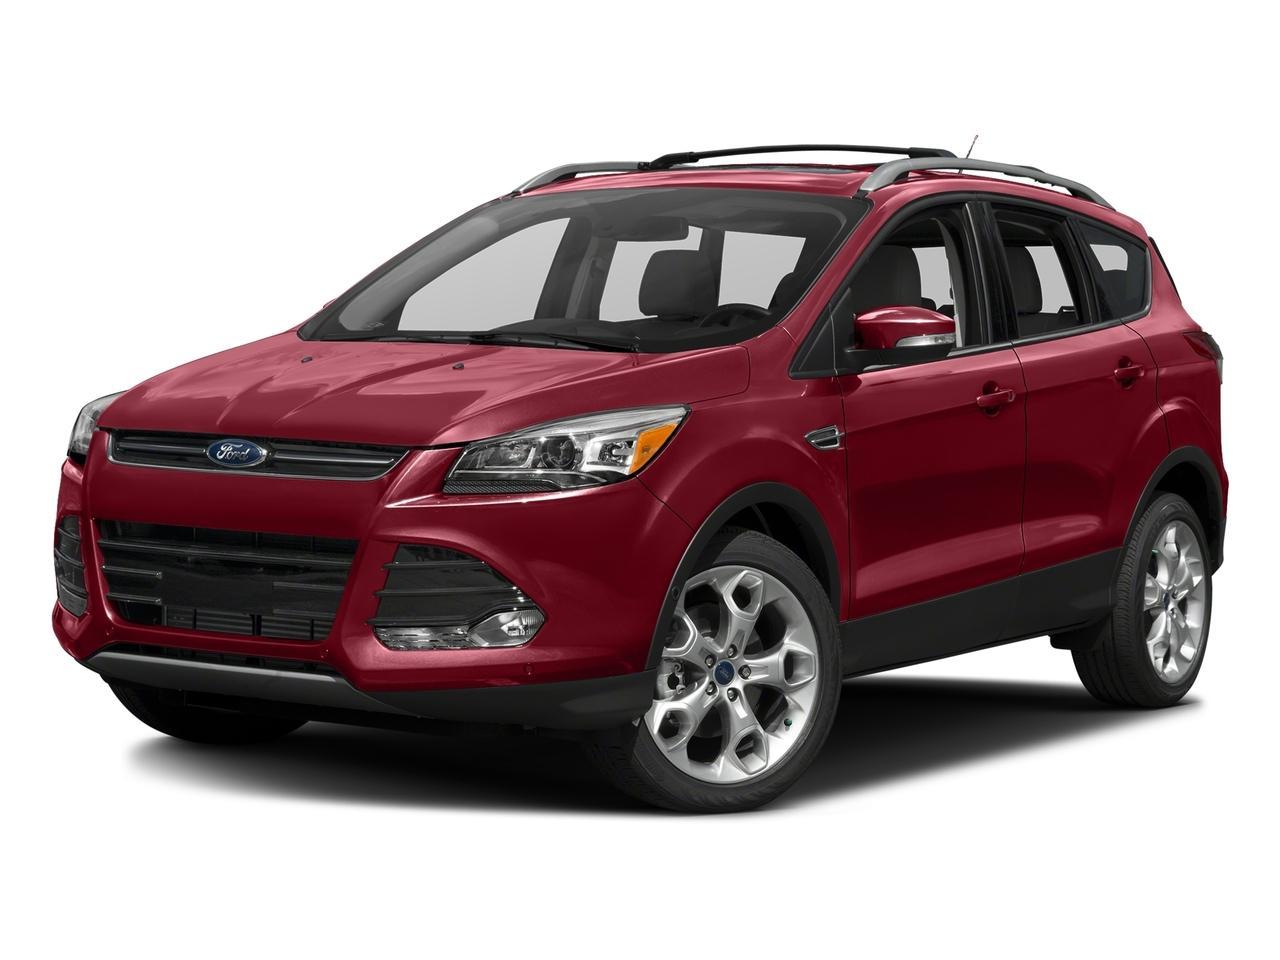 2016 Ford Escape Vehicle Photo in Peoria, IL 61615